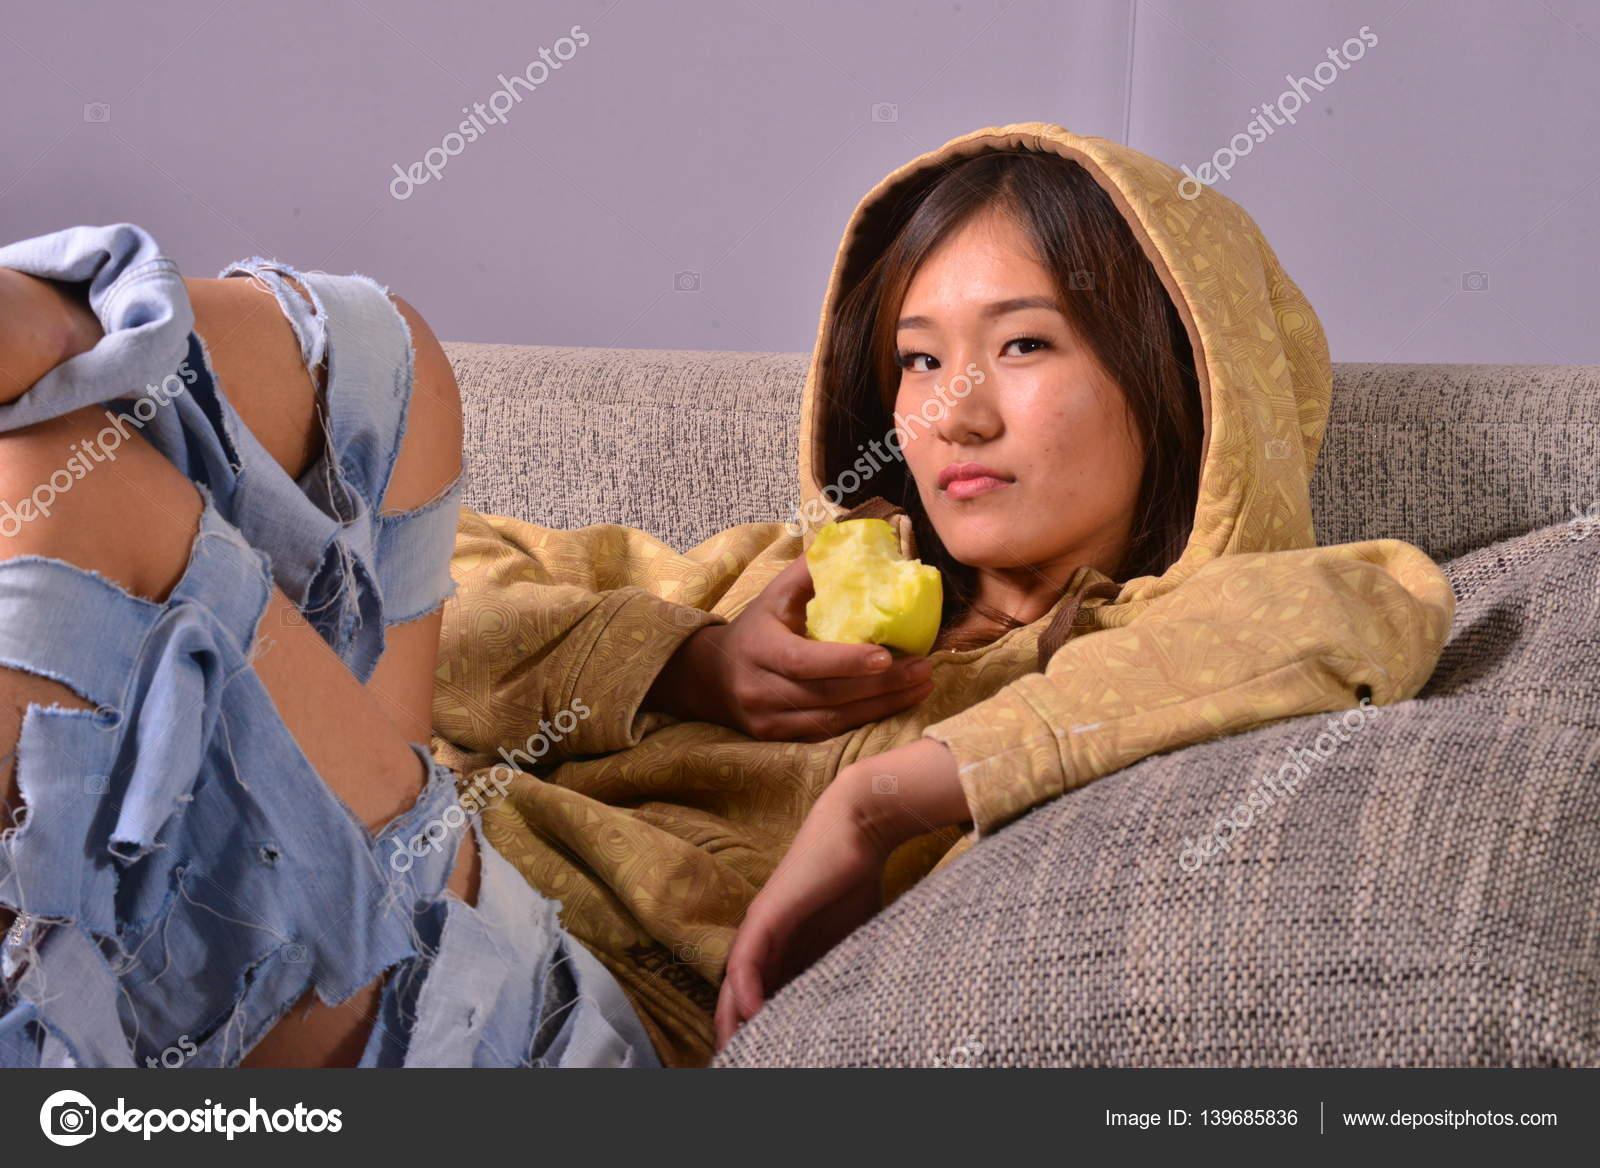 ασιατικό σεξ στον καναπέ βεβιασμένο σεξ έβενο